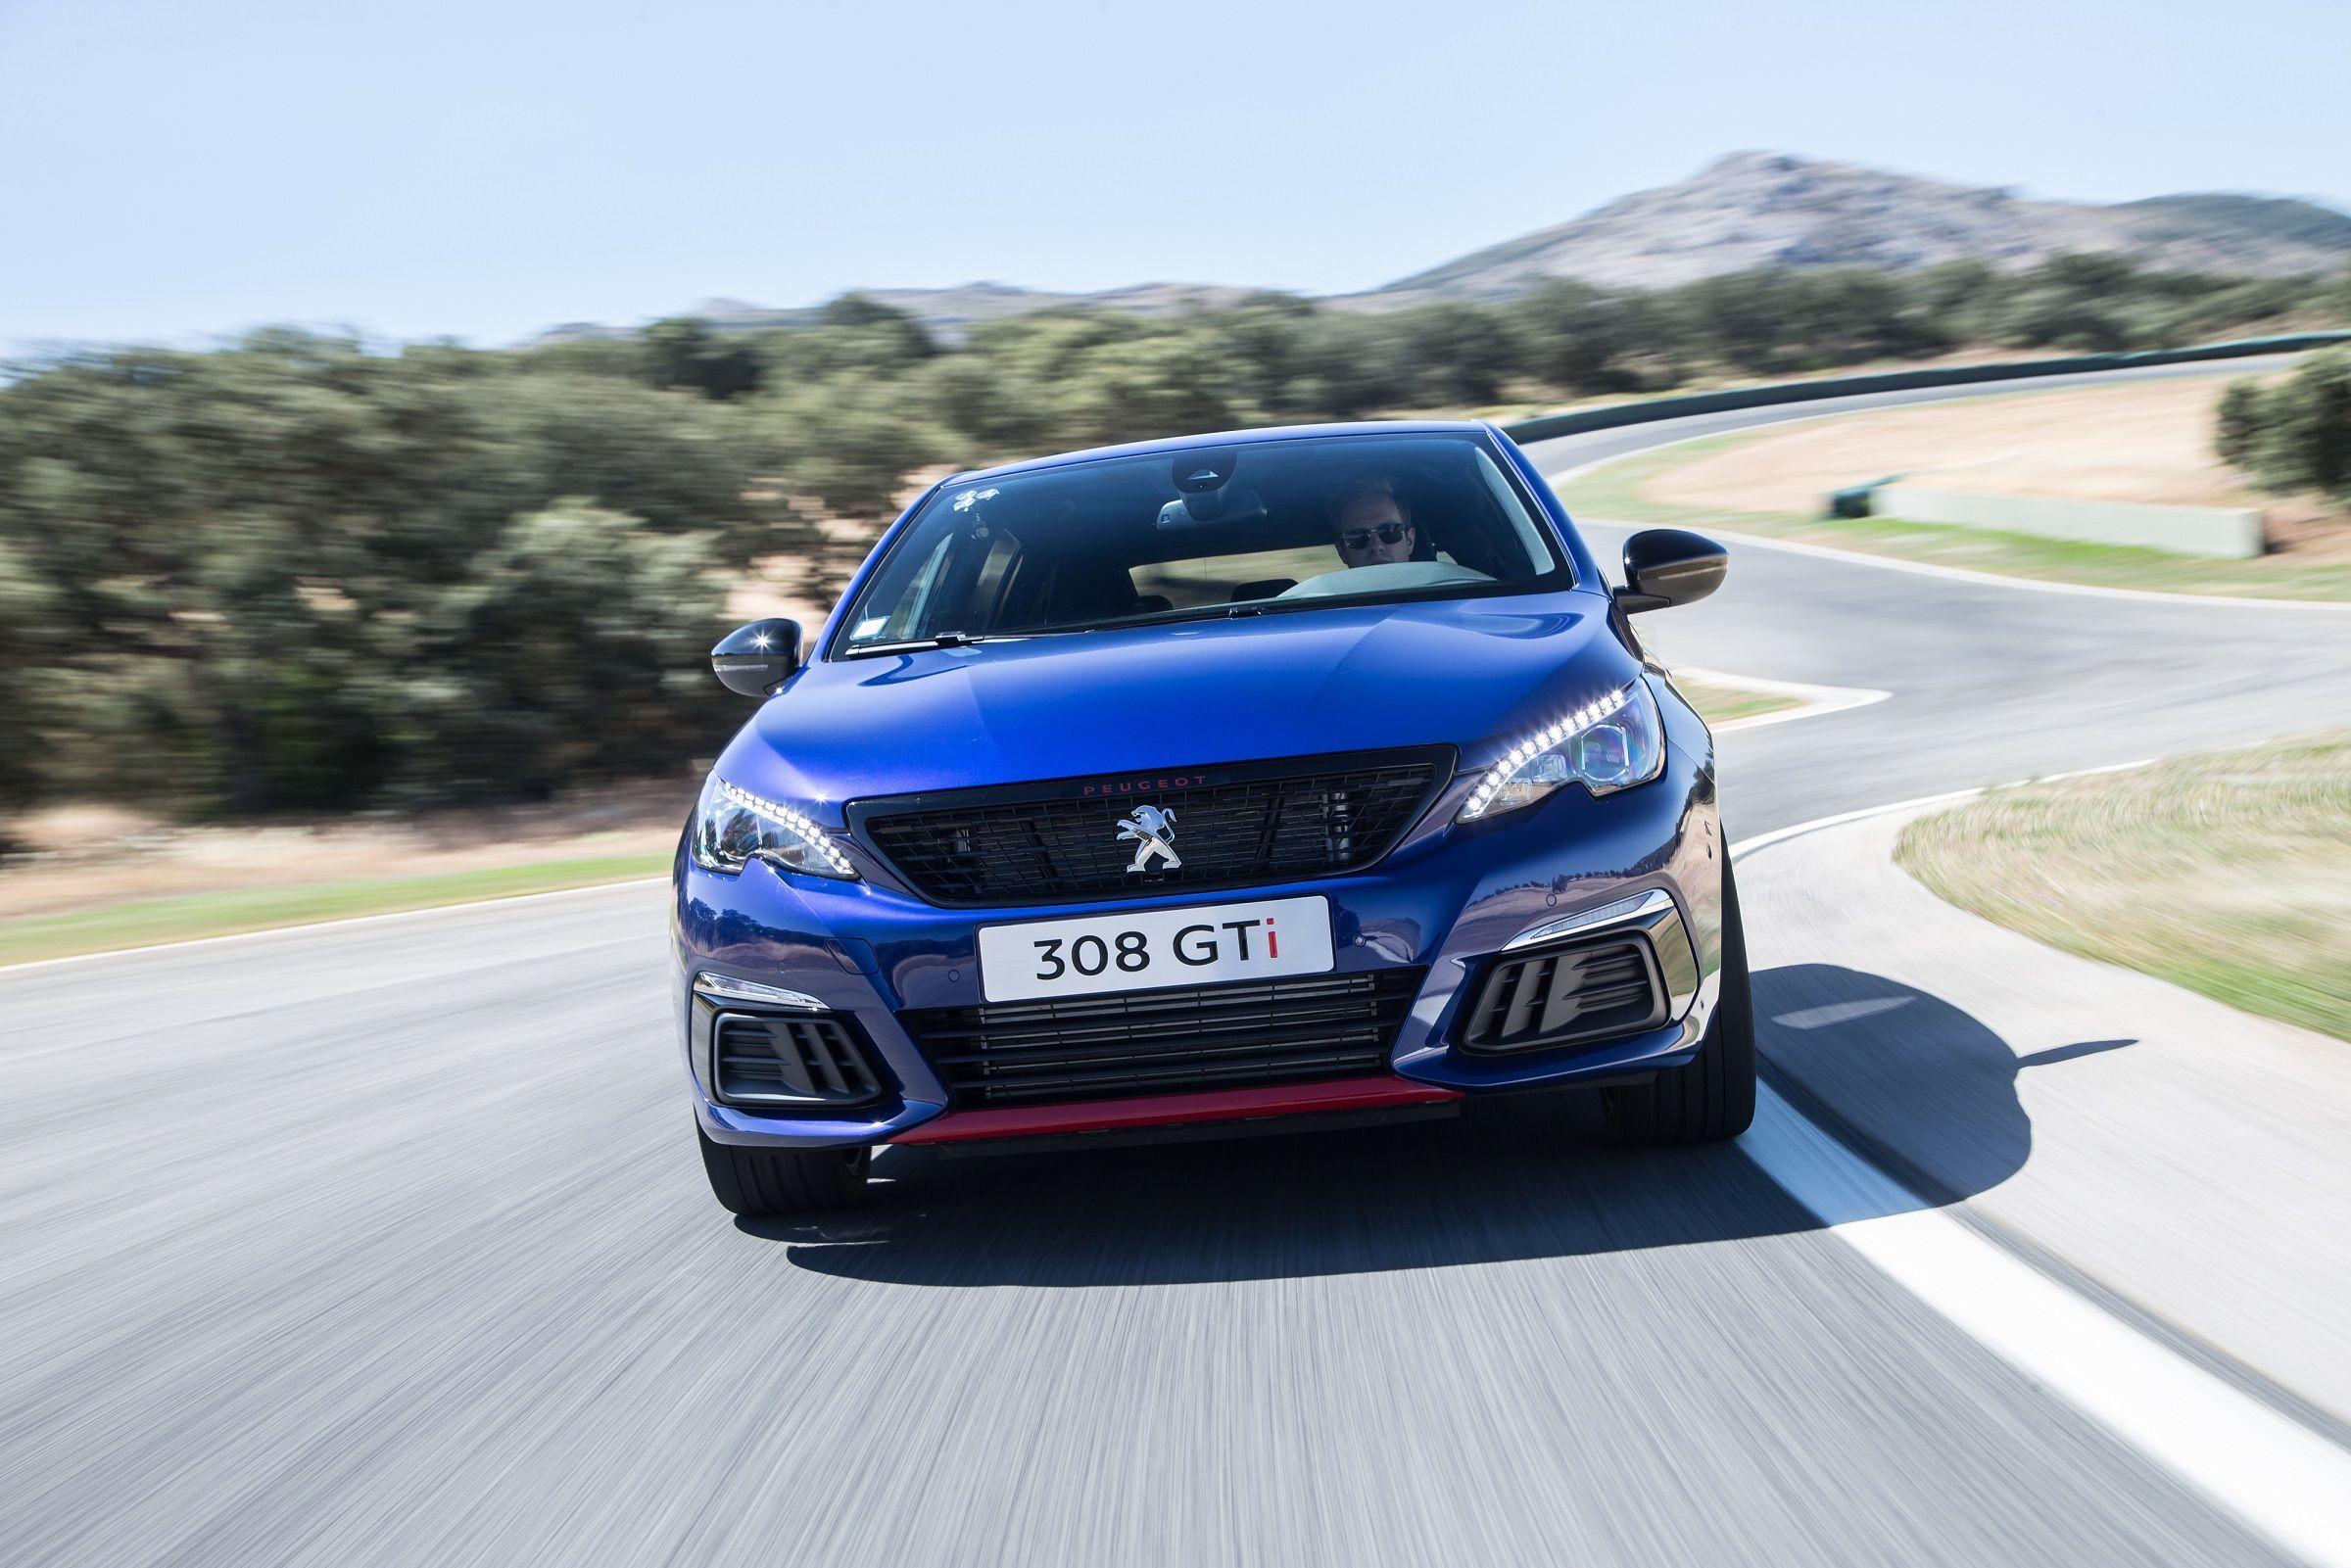 Vuelve al trabajo sobre ruedas y prueba toda la gama Peugeot en los Peugeot Experience de Madrid y Barcelona